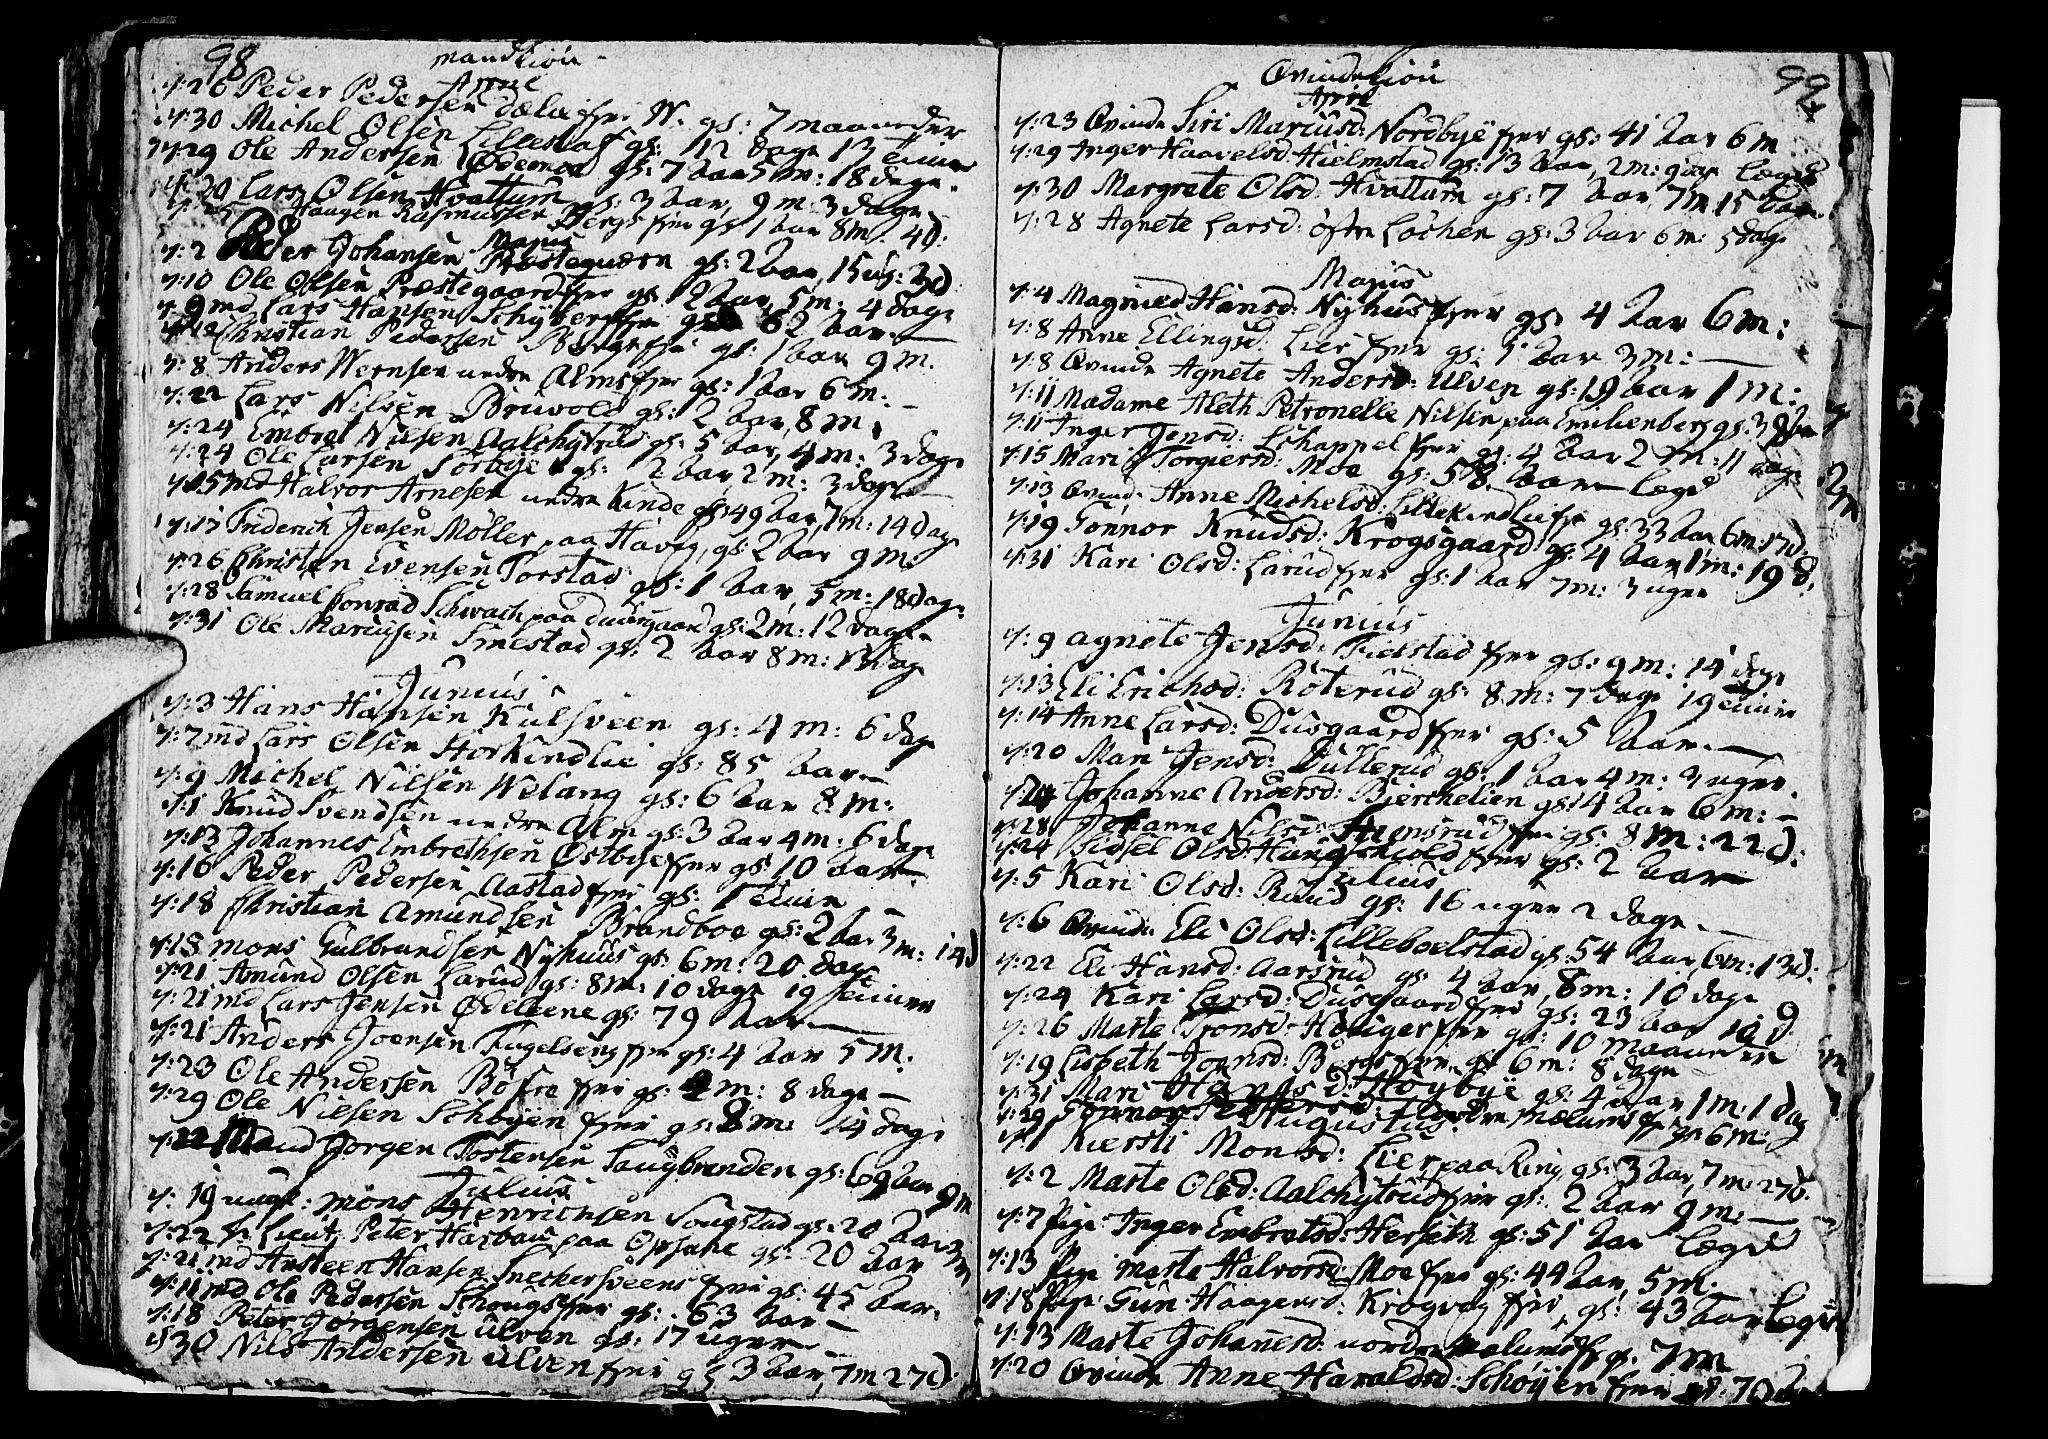 SAH, Ringsaker prestekontor, I/Ia/L0005/0005: Kladd til kirkebok nr. 1E, 1790-1792, s. 98-99